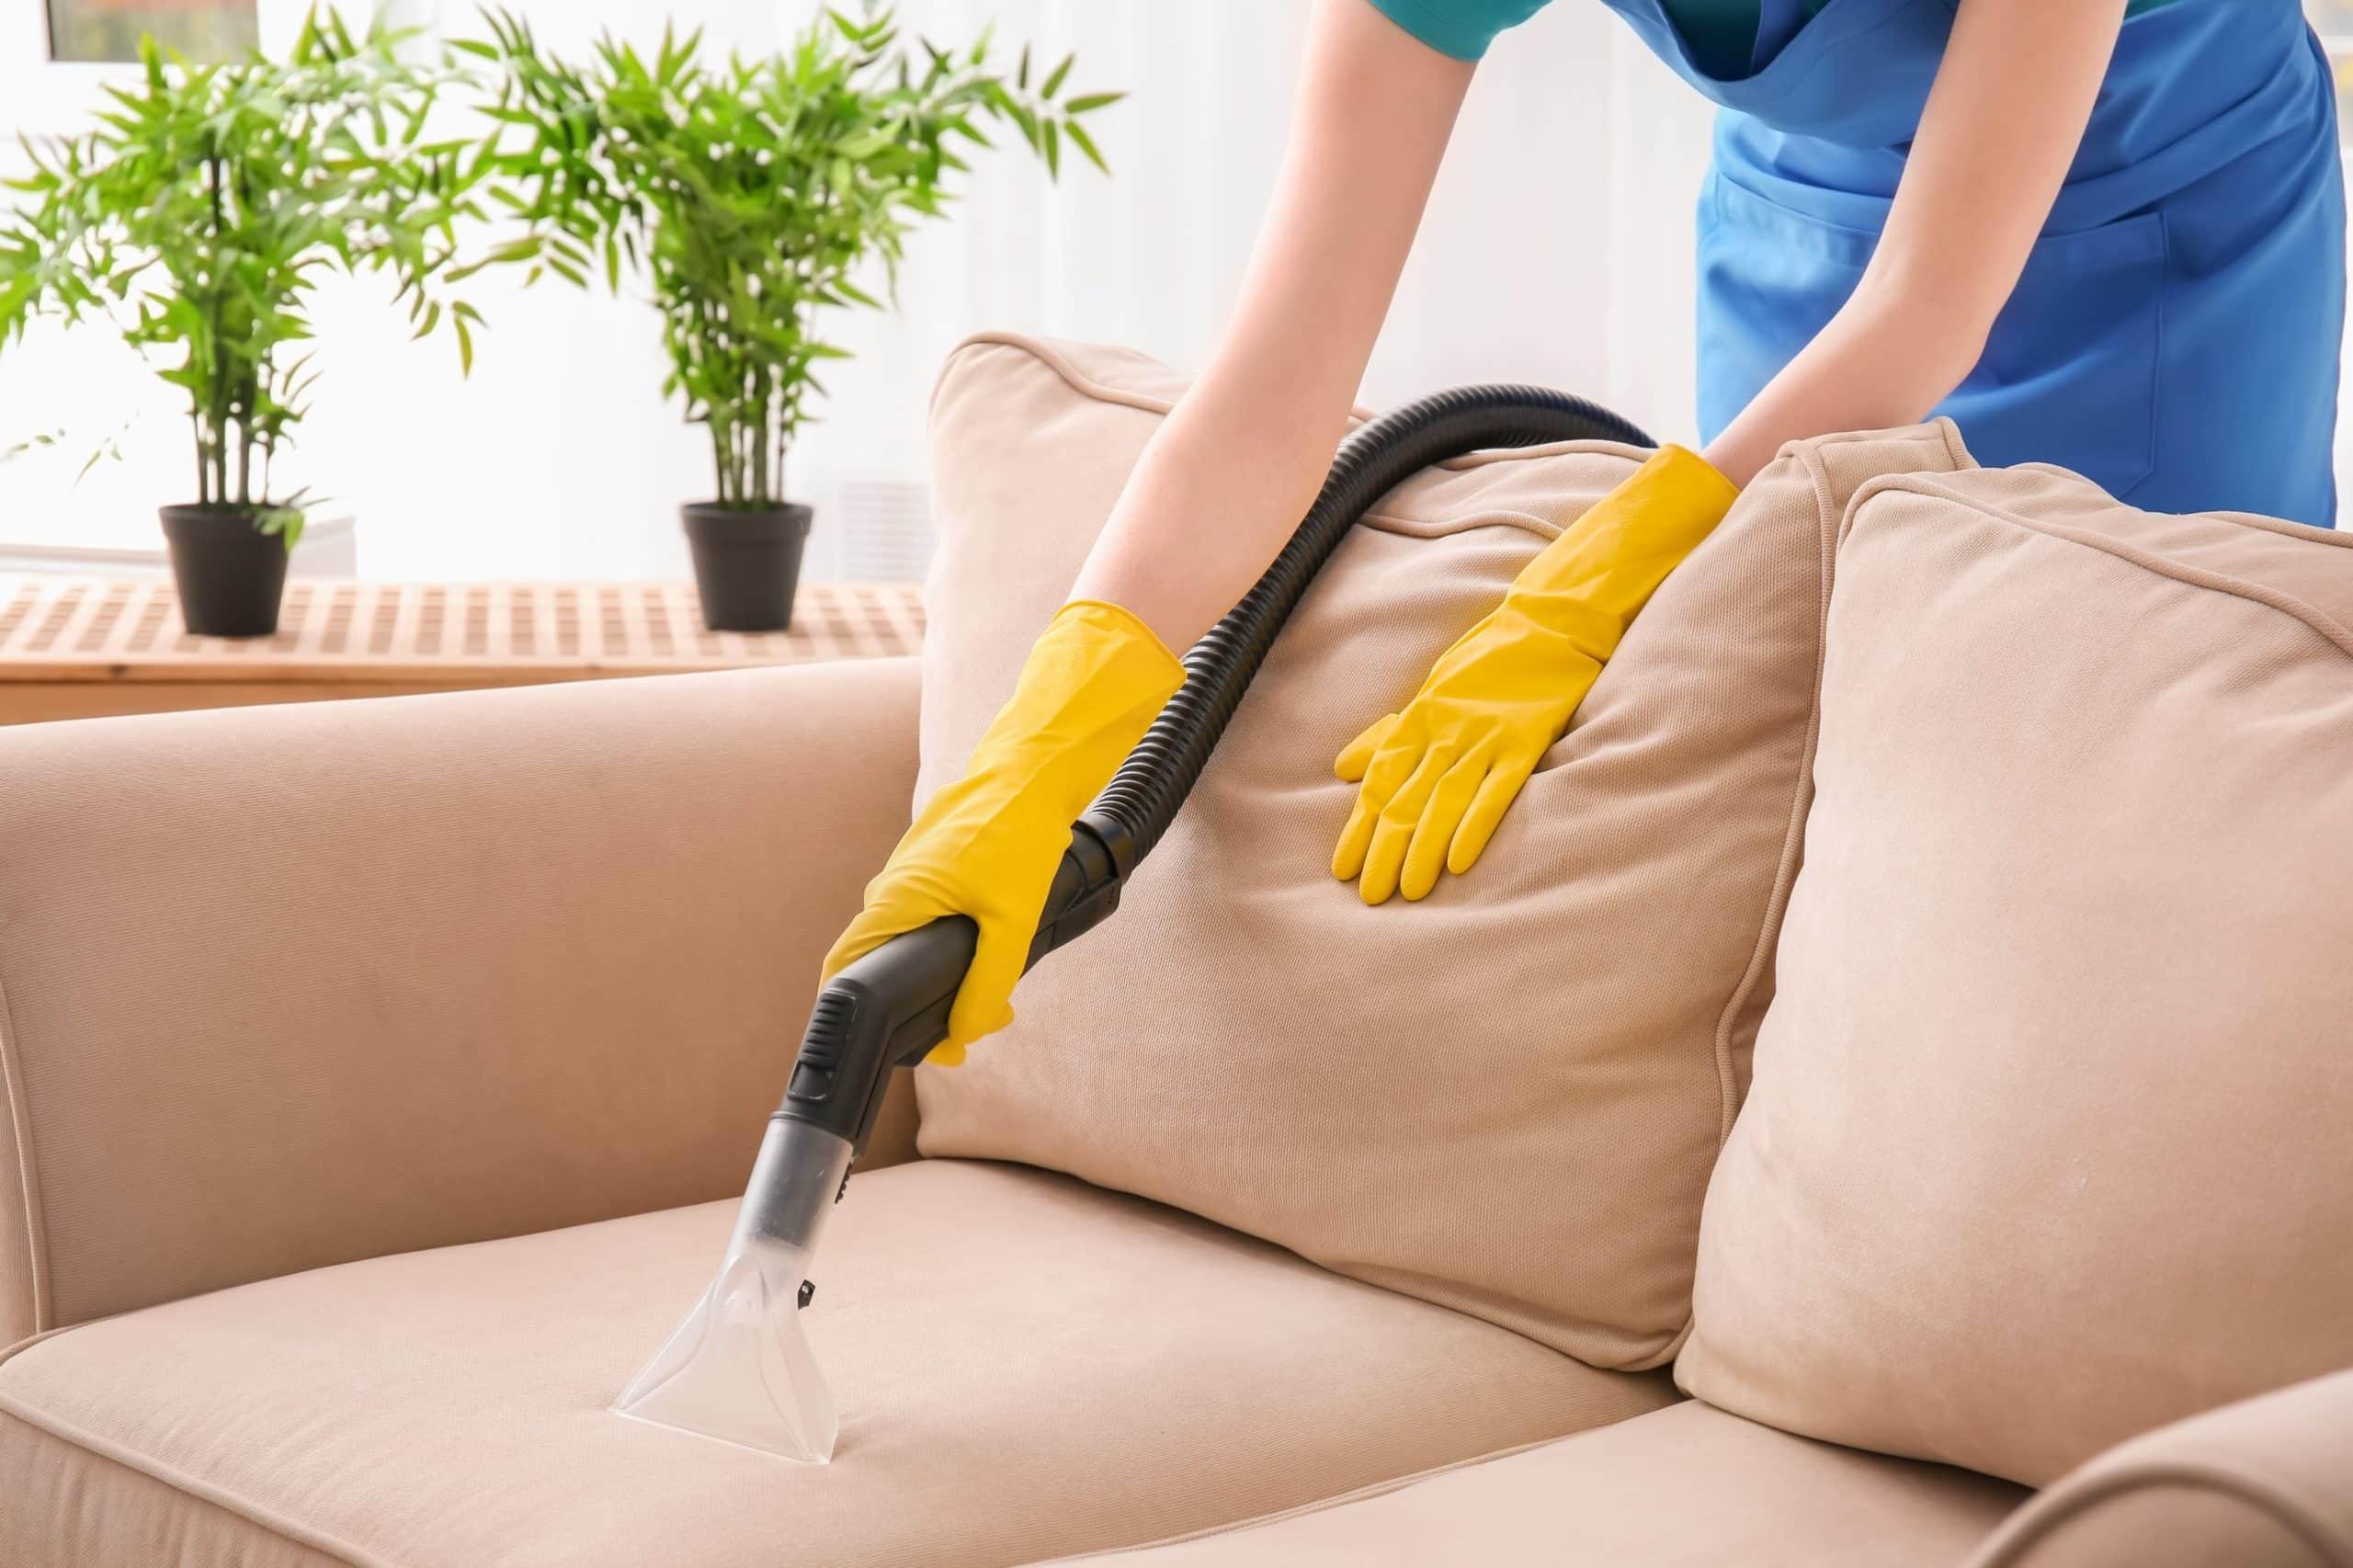 Jak sprawić, by tapicerka sofy mniej się brudziła? 1